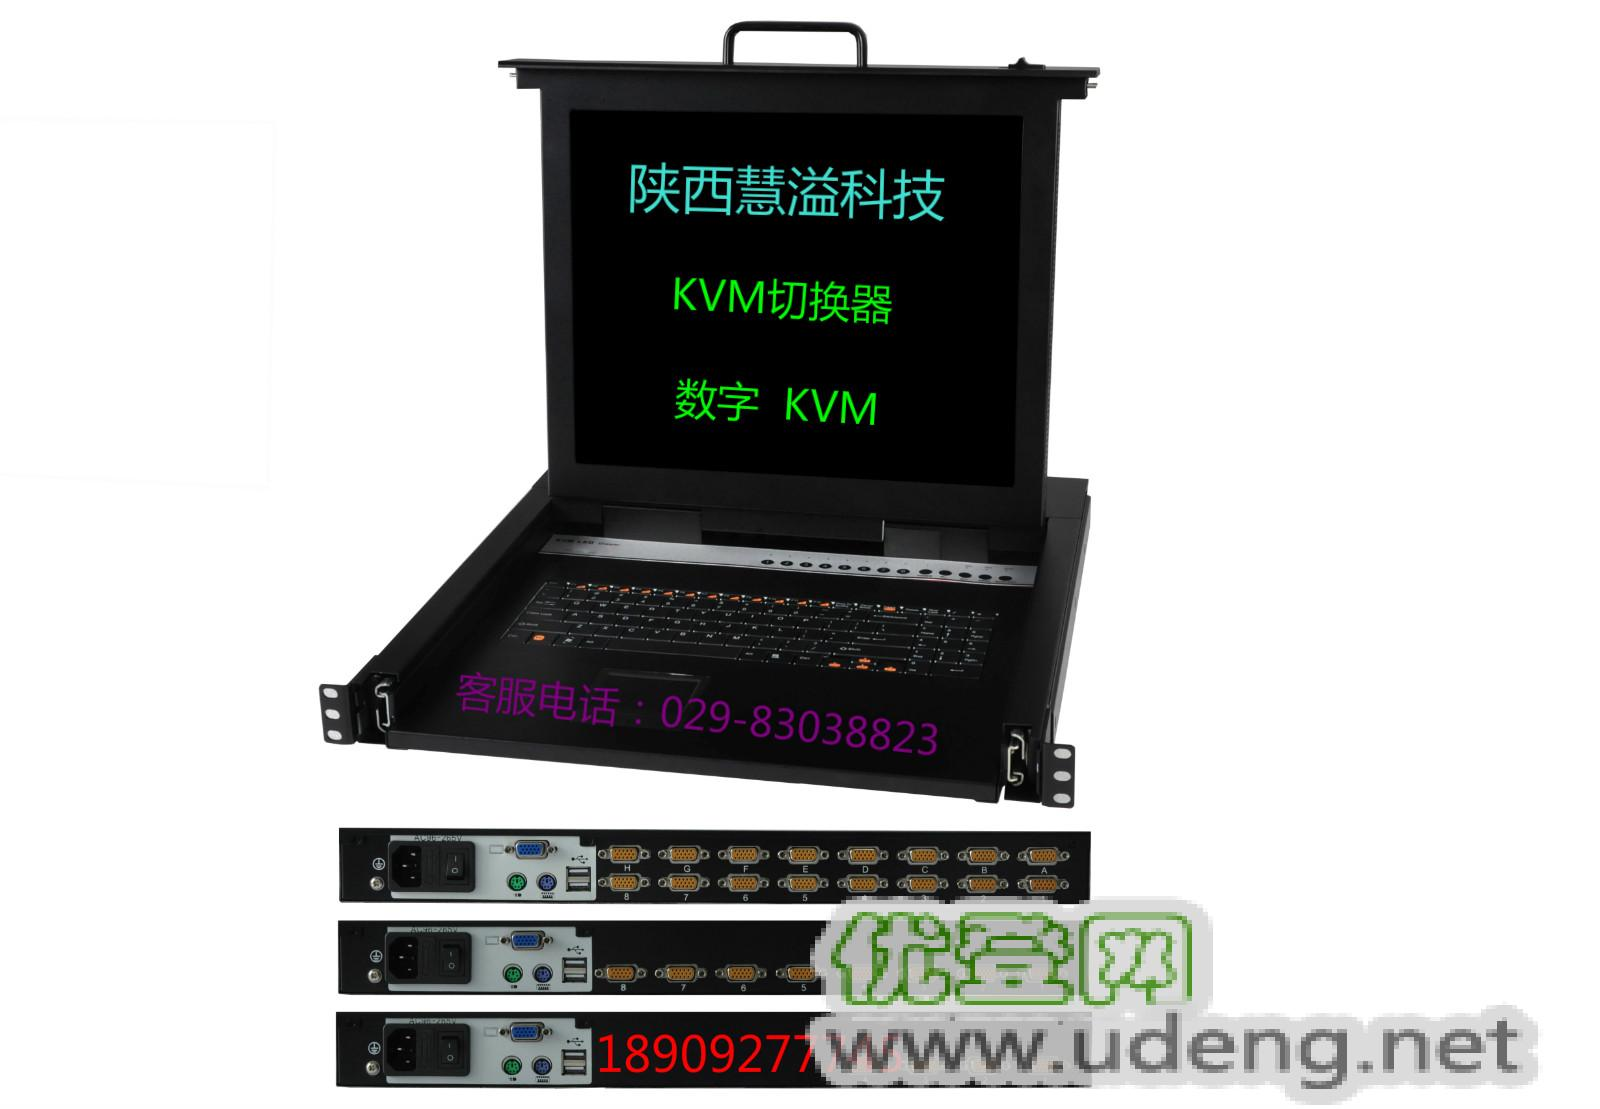 KVM切換器,數字切換器,KVM一體機,